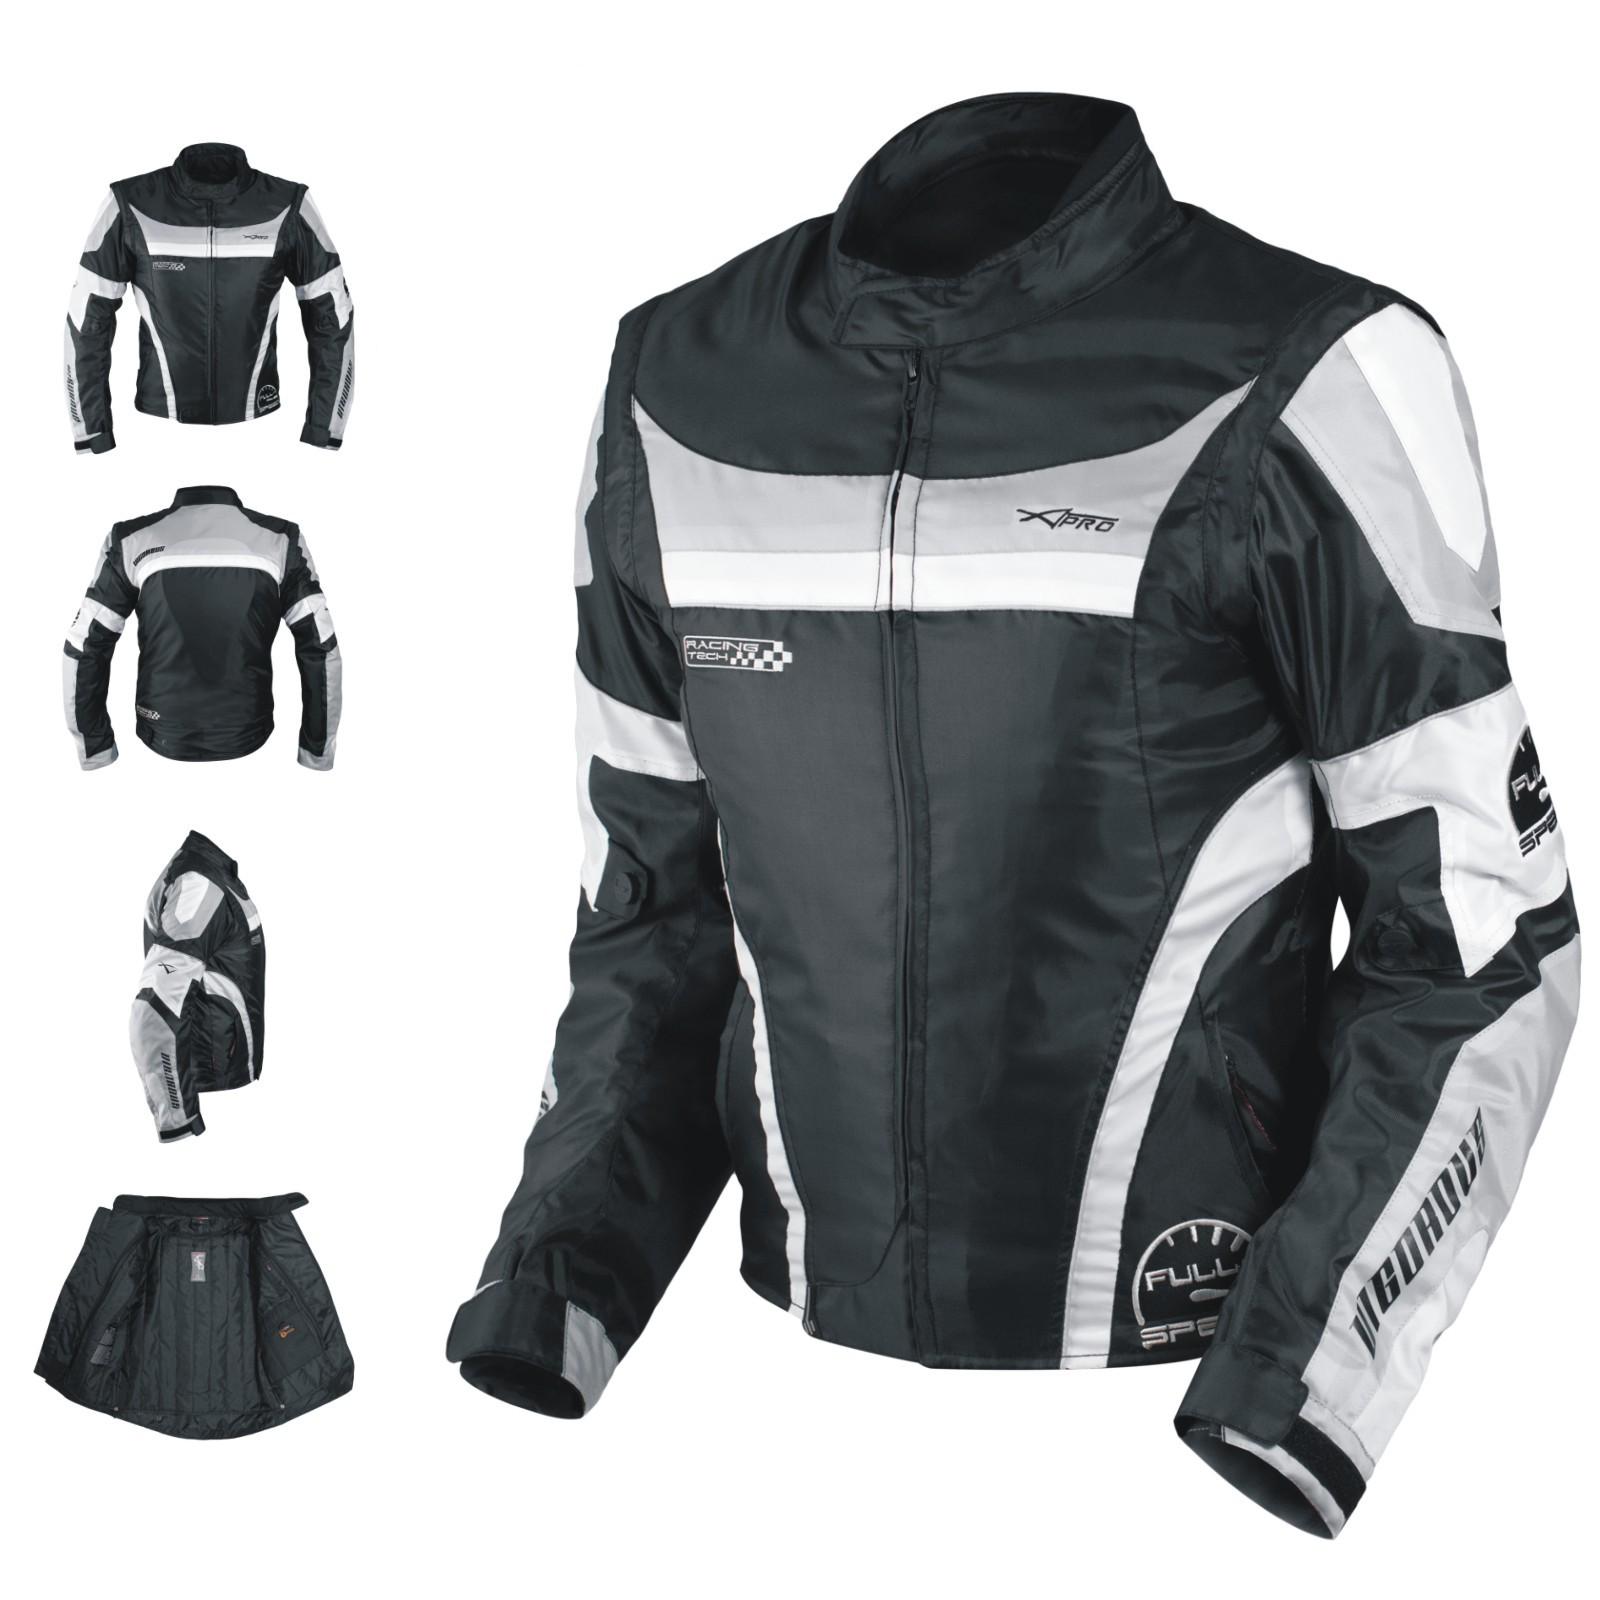 Vigorous A-Pro Giacca Jacket Grigio Grey Tessuto Textile Sonic Moto